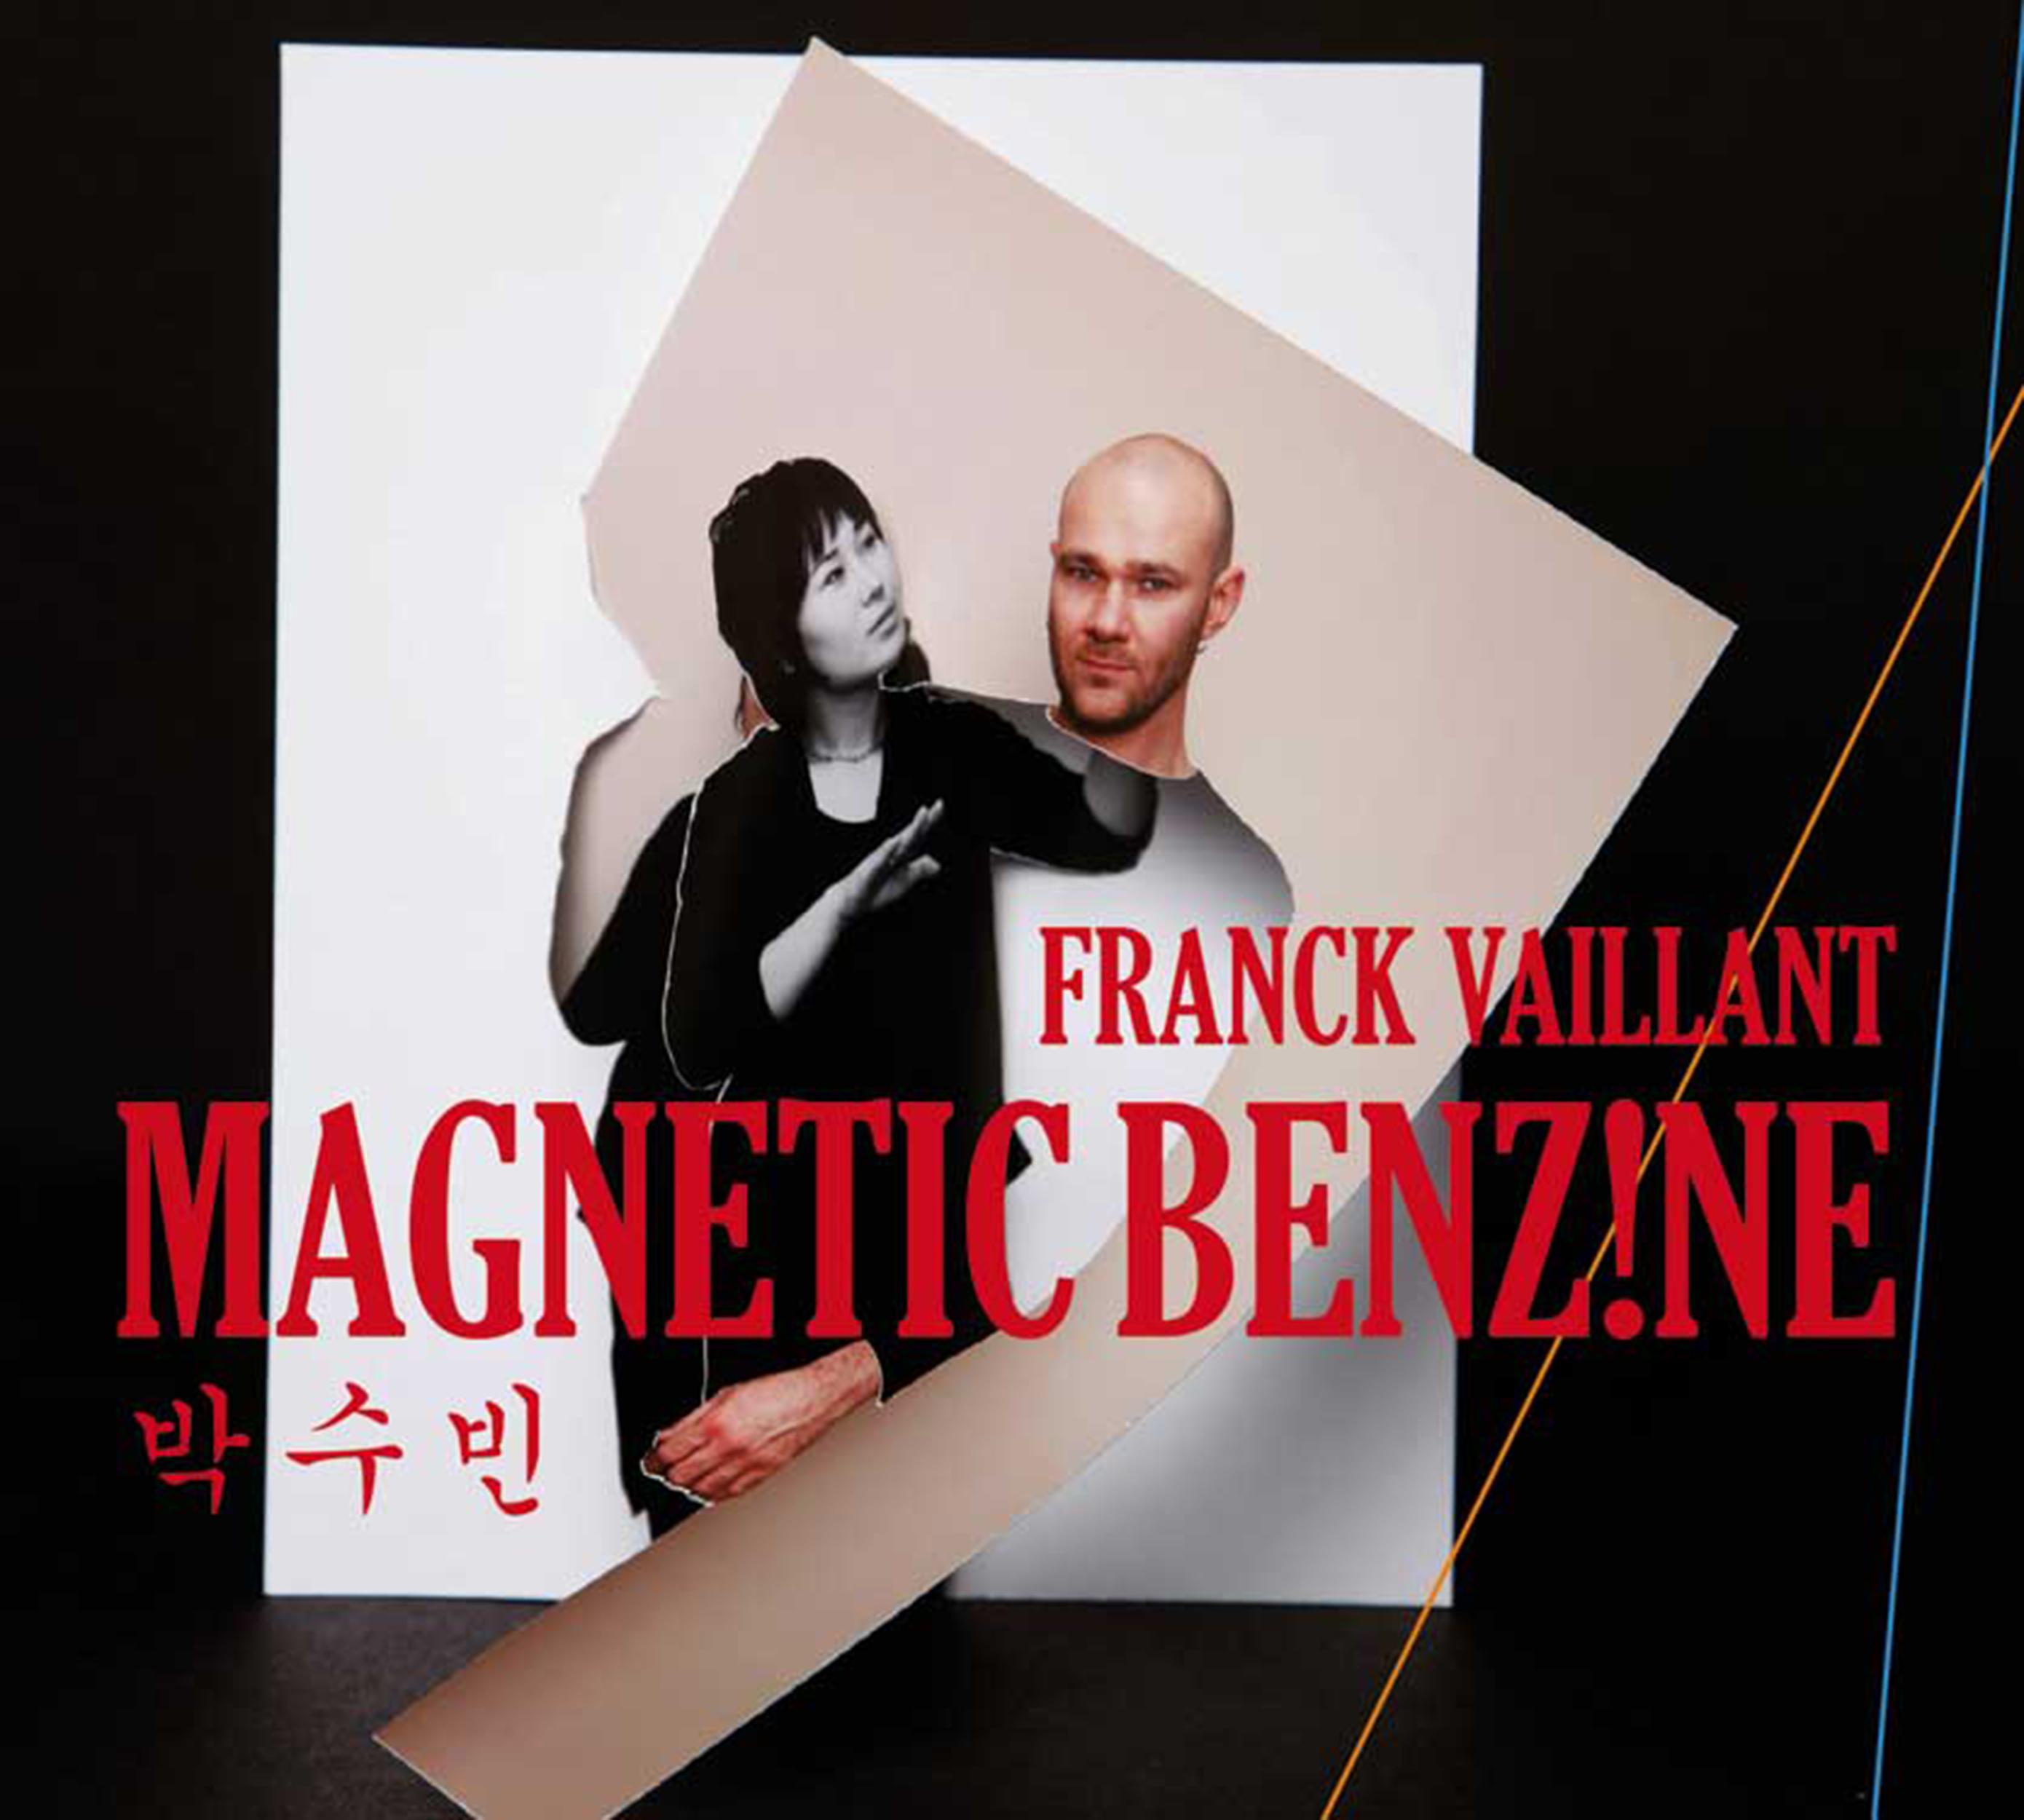 magnetic benzine